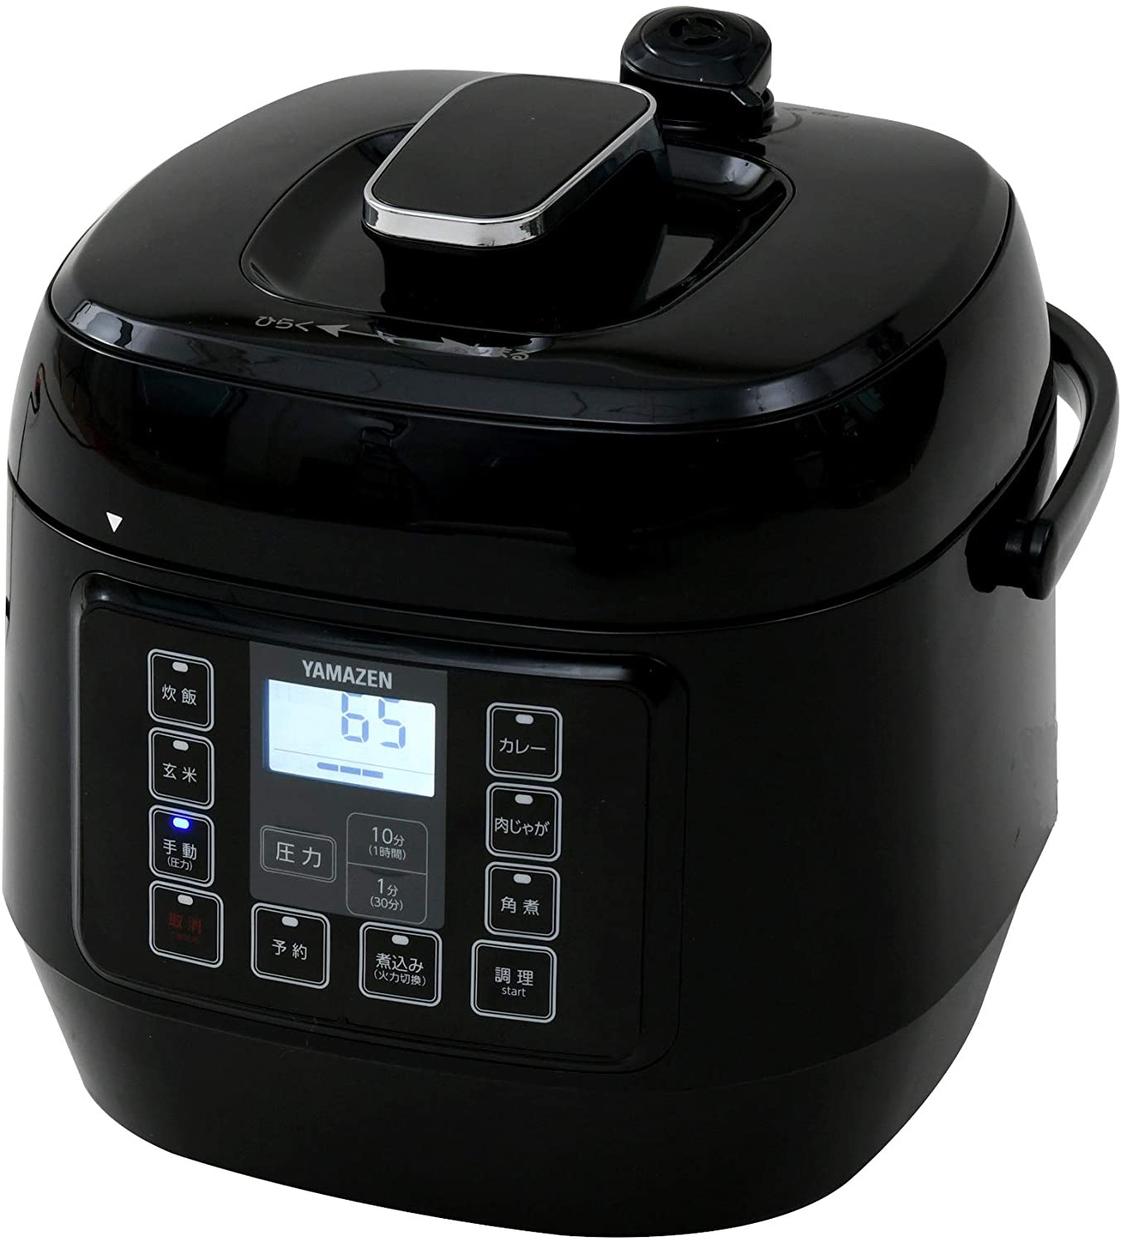 山善(YAMAZEN) 電気圧力鍋 EPCA-250Mの商品画像